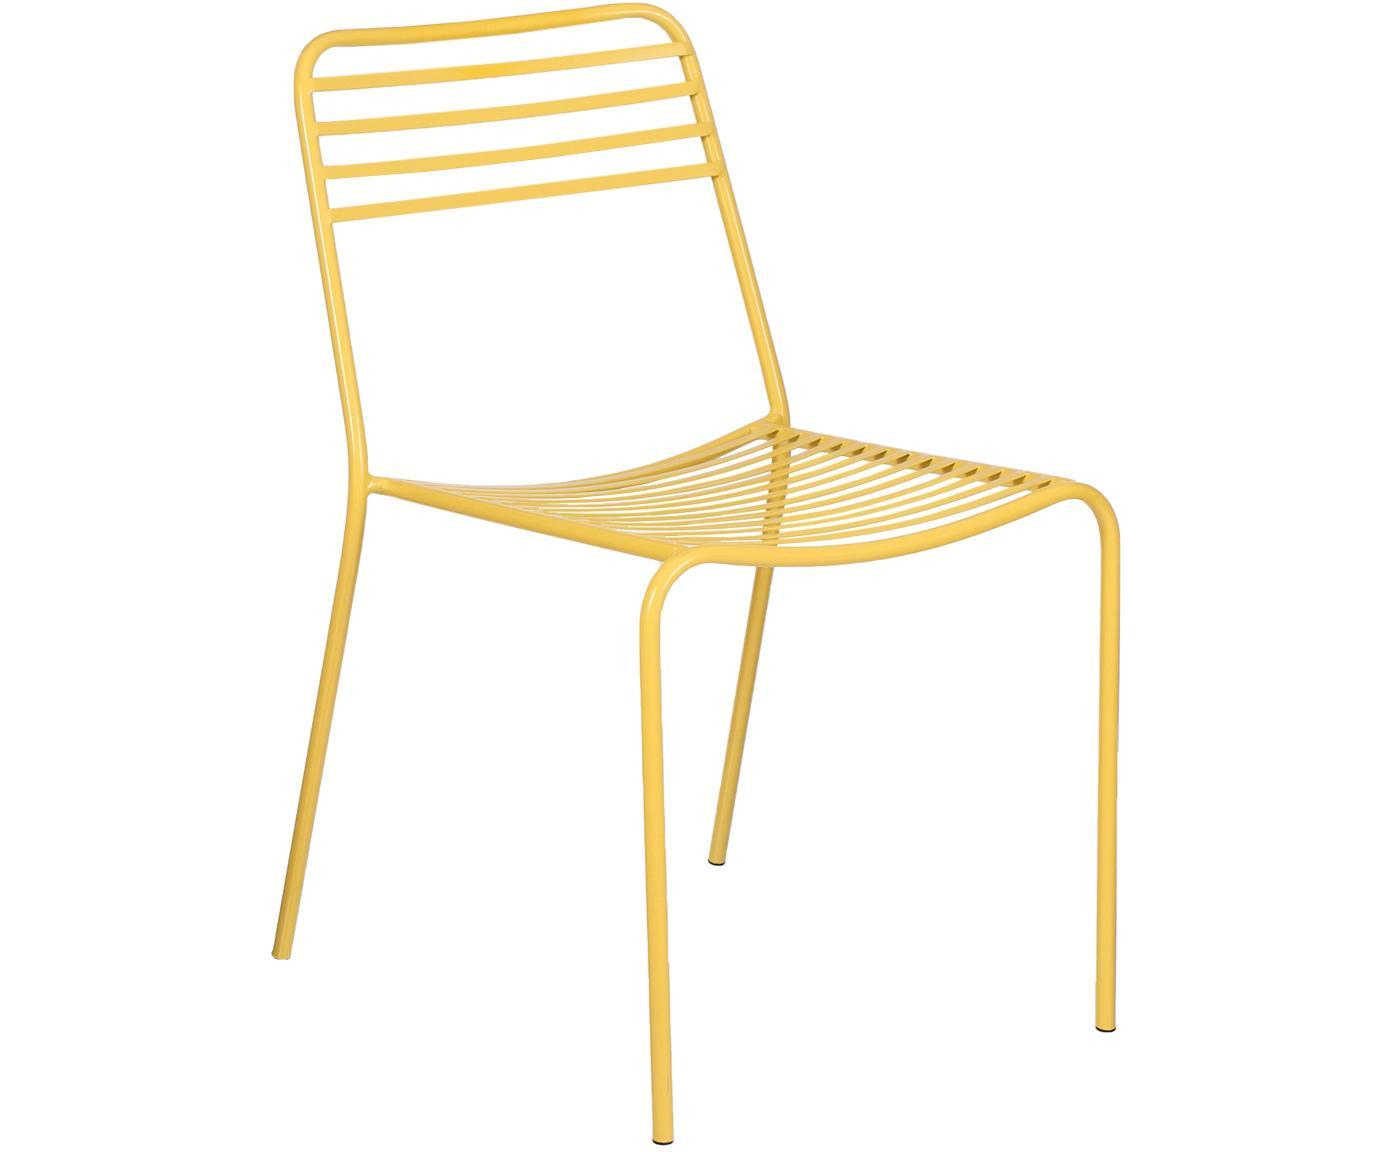 Sedia in metallo Tula 2 pz, Metallo verniciato a polvere, Giallo, Larg. 48 x Prof. 54 cm